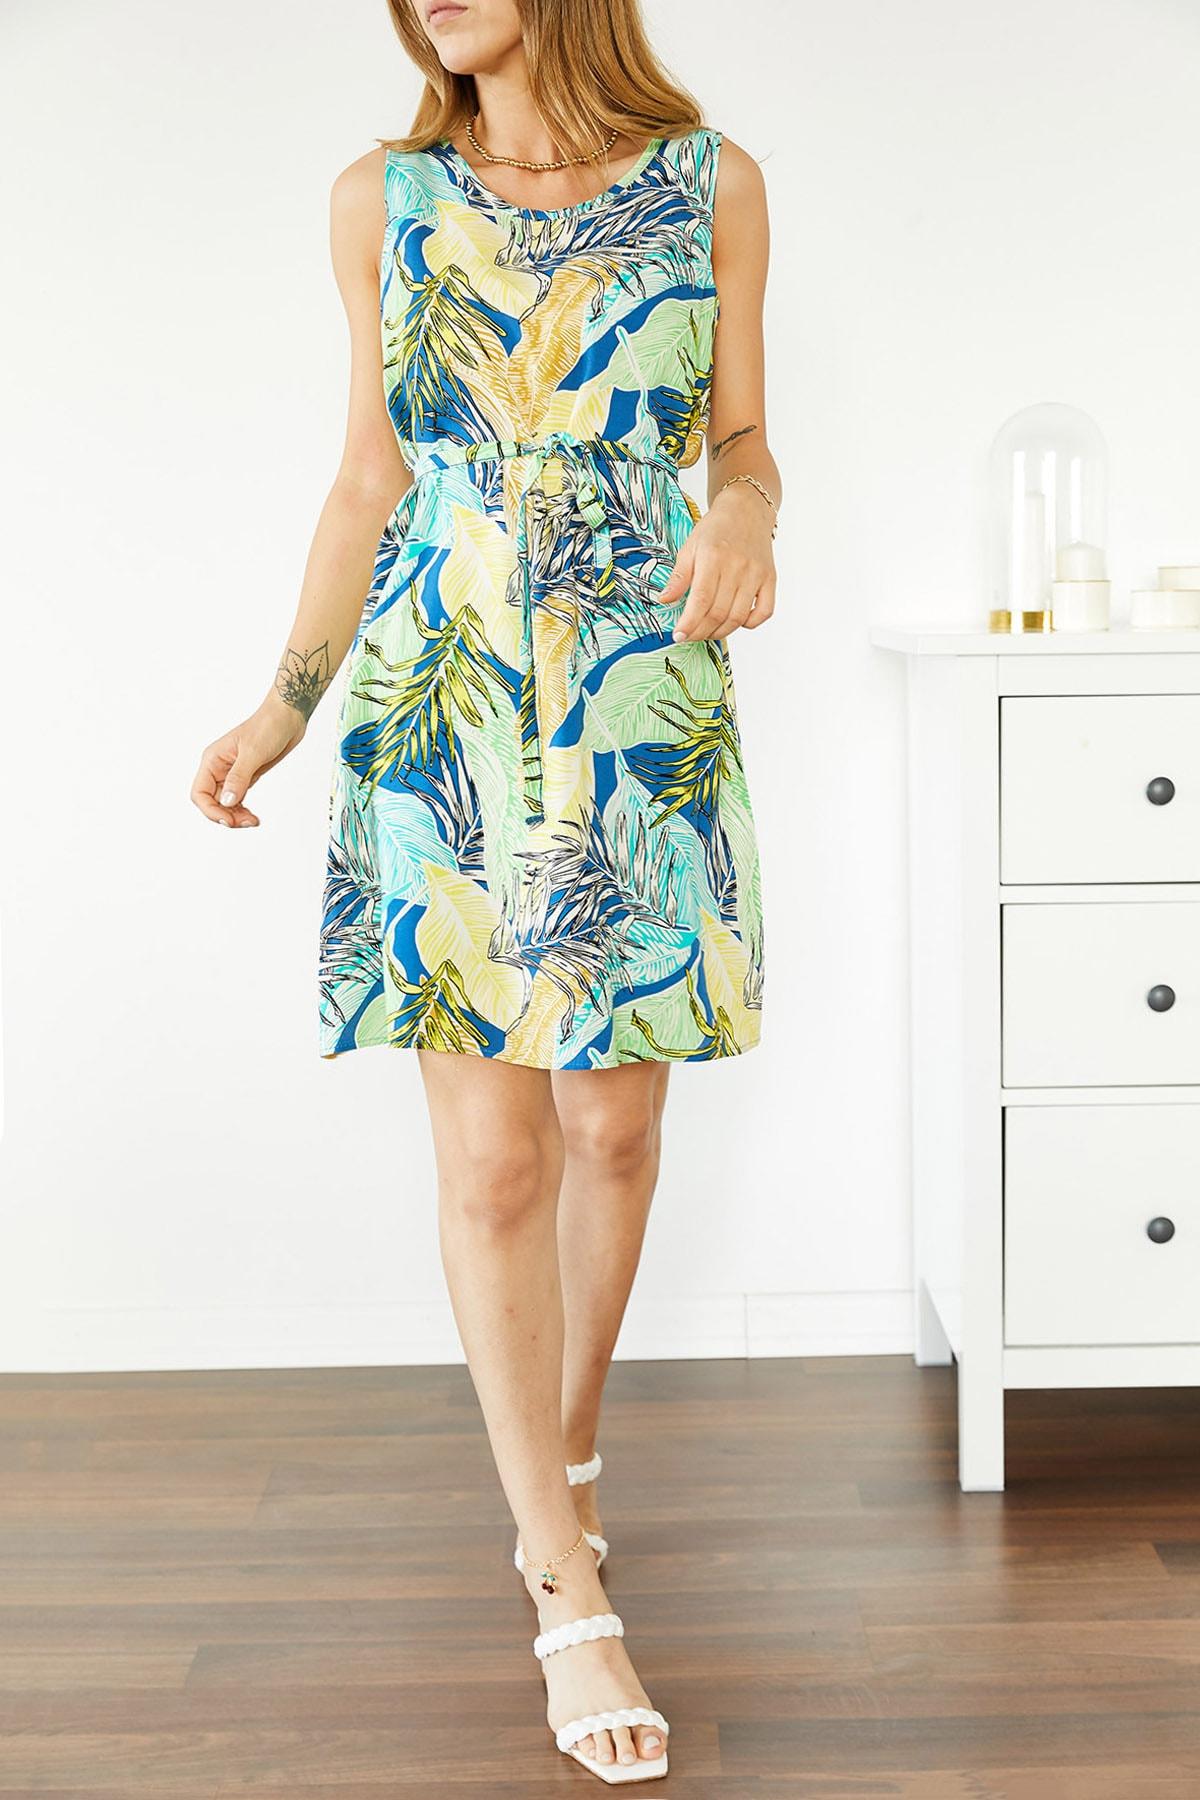 Xhan Kadın Multi Çiçek Desenli Kolsuz Elbise 0YXK6-43854-13 8699443854131